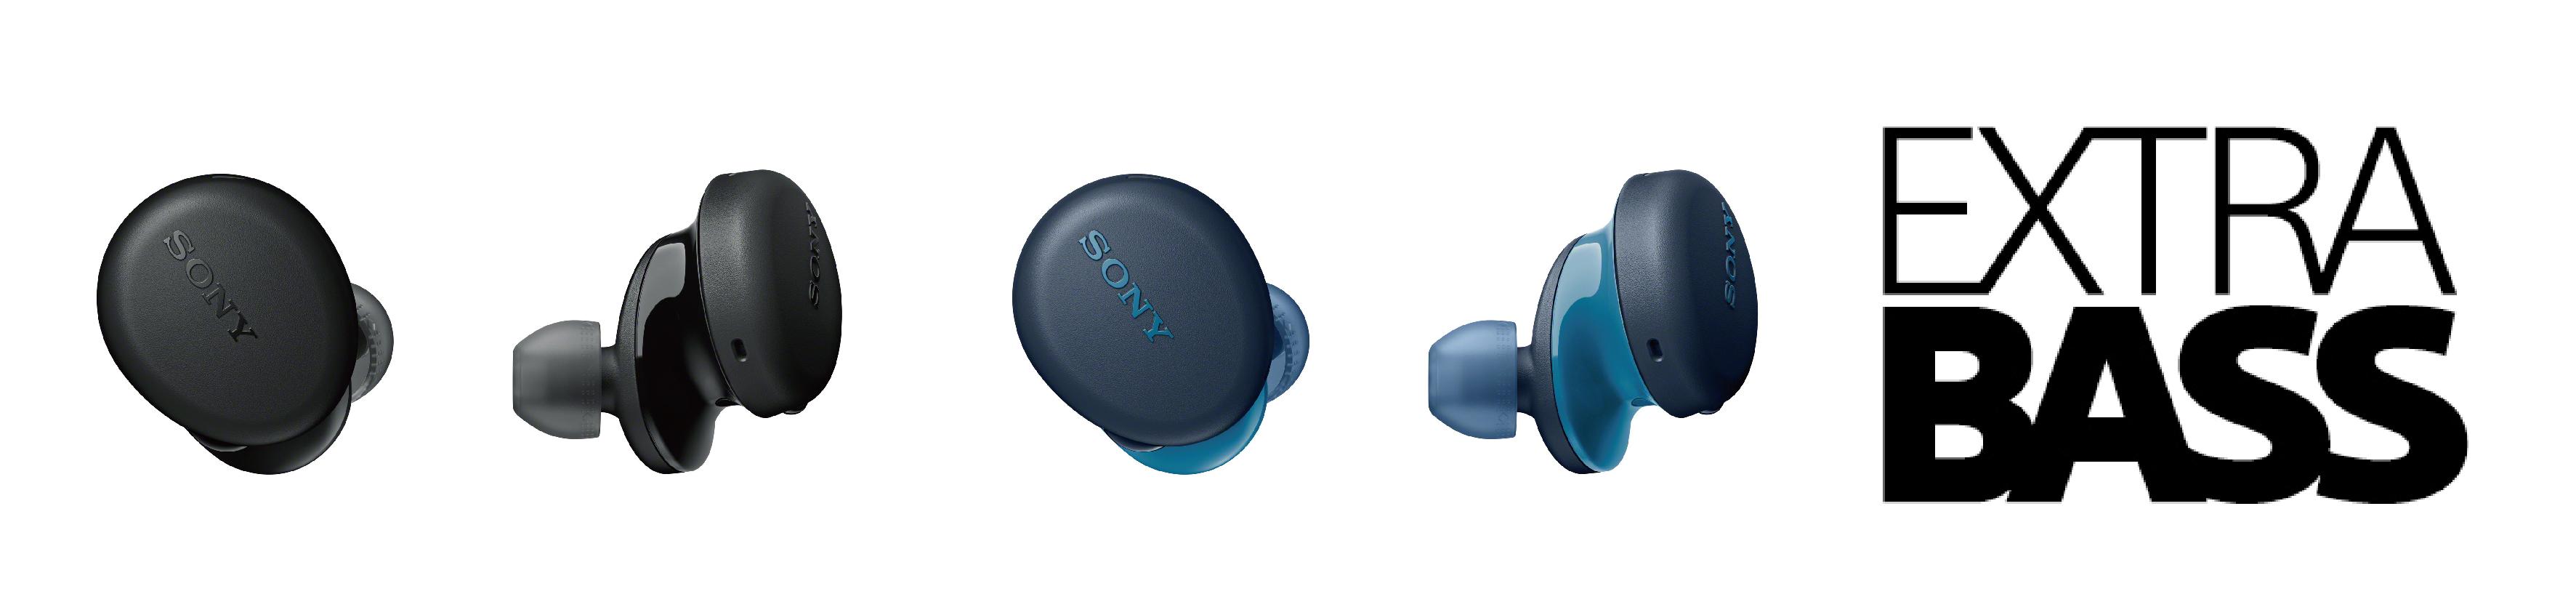 2) WF-XB700提供全新黑、藍兩色,小巧機身集結了獨家優質特點,輕便攜帶音樂隨行不受限。